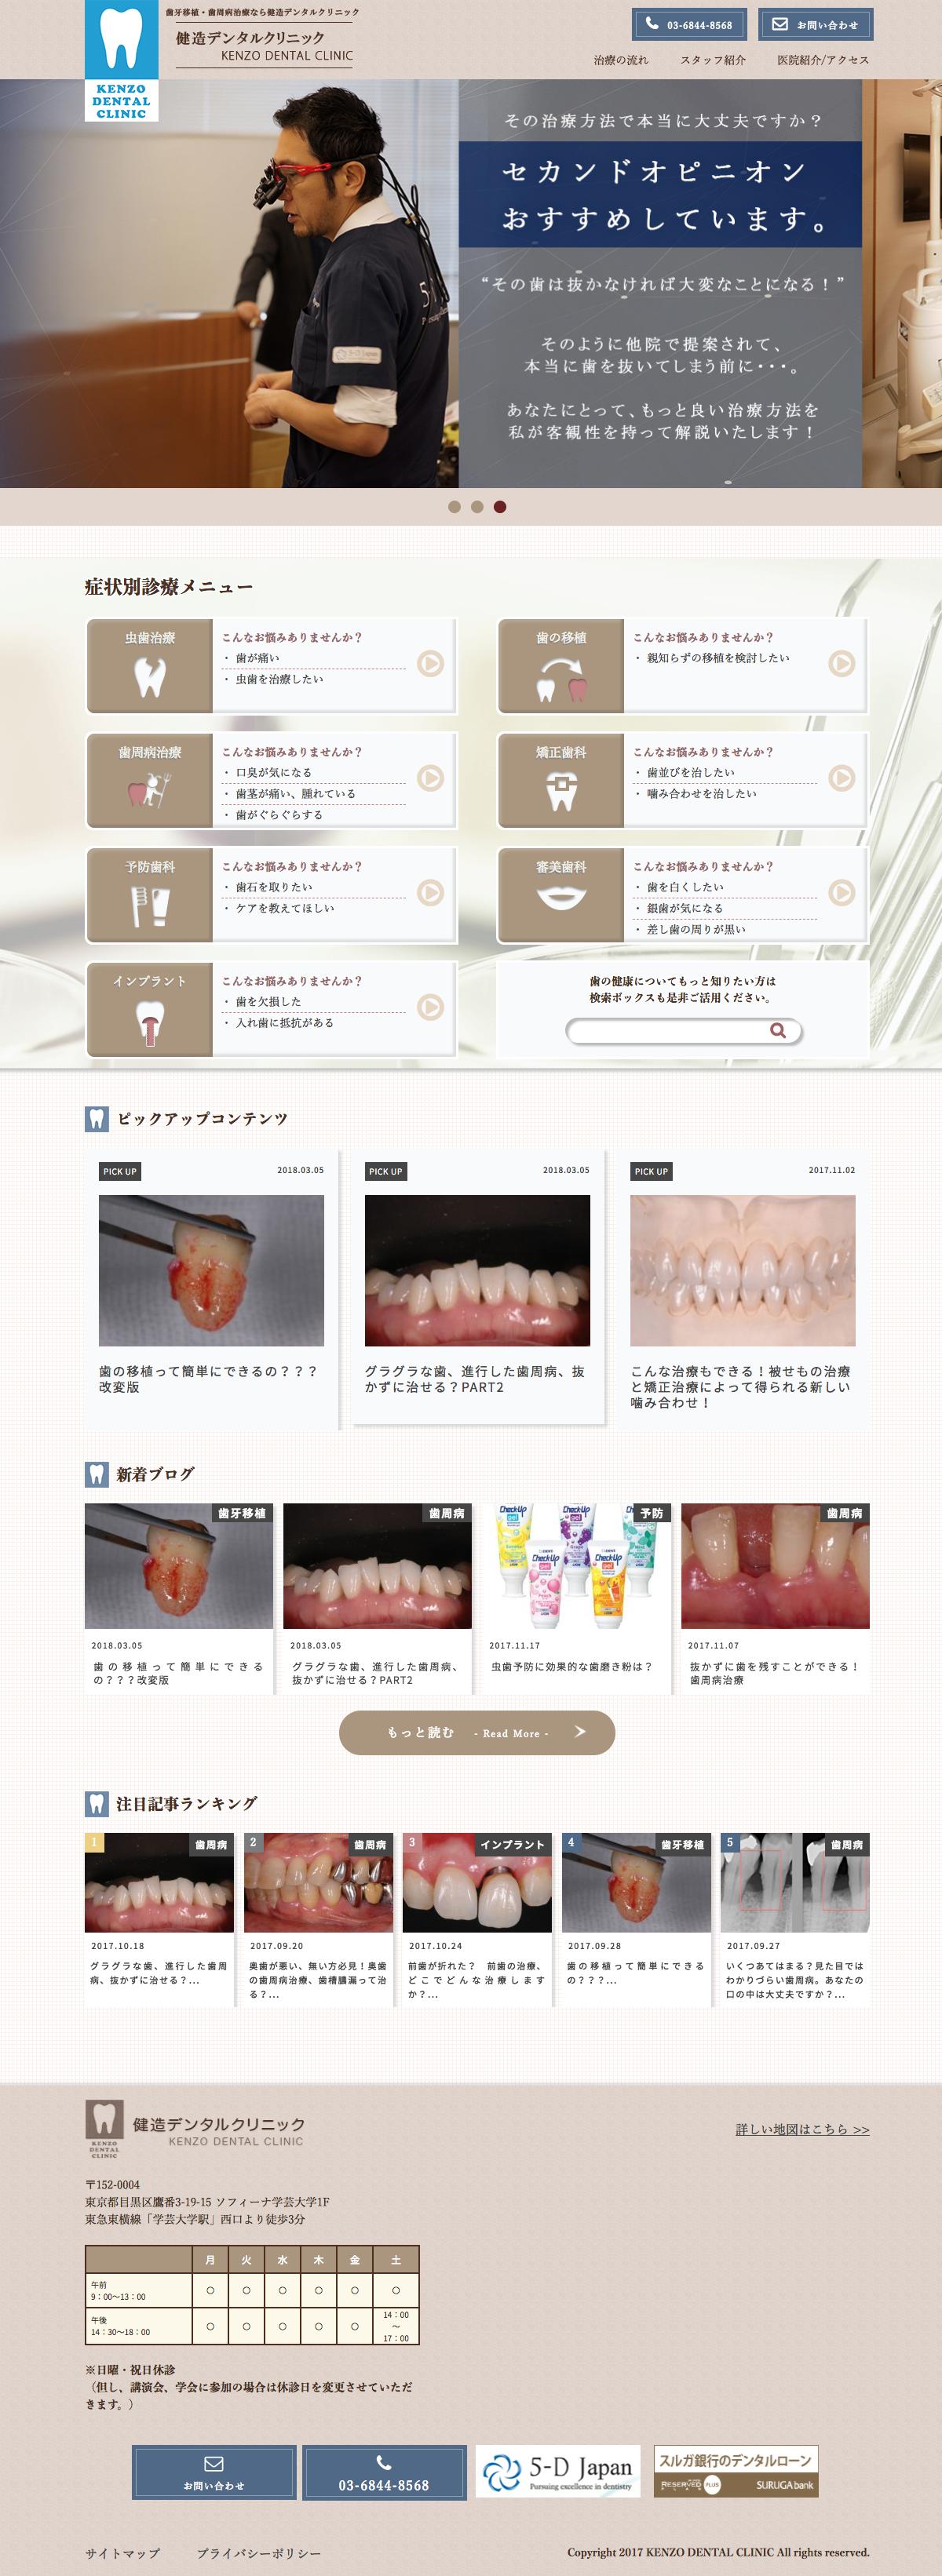 歯医者サイト実績